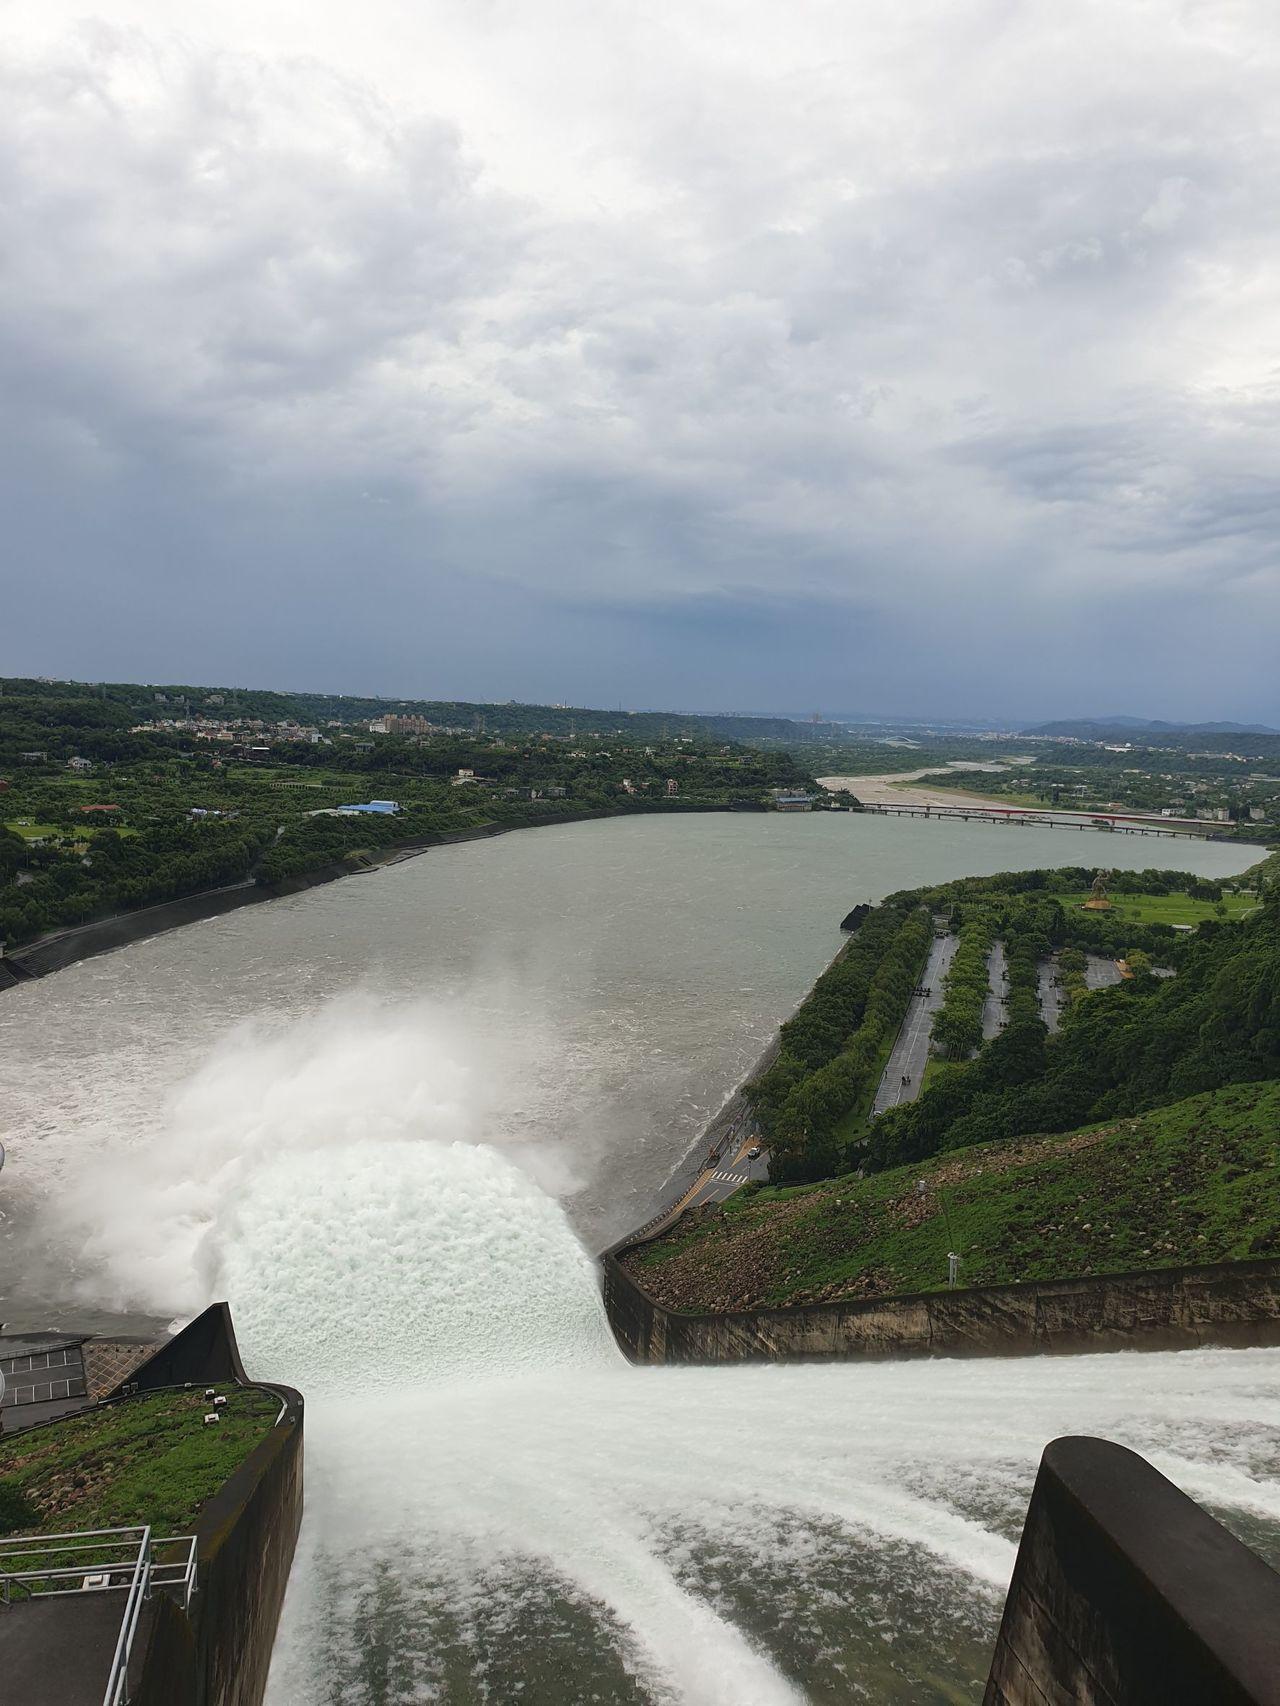 石門水庫在利奇馬颱風來襲時從壩頂排洪相當壯觀。圖/北區水資源局提供